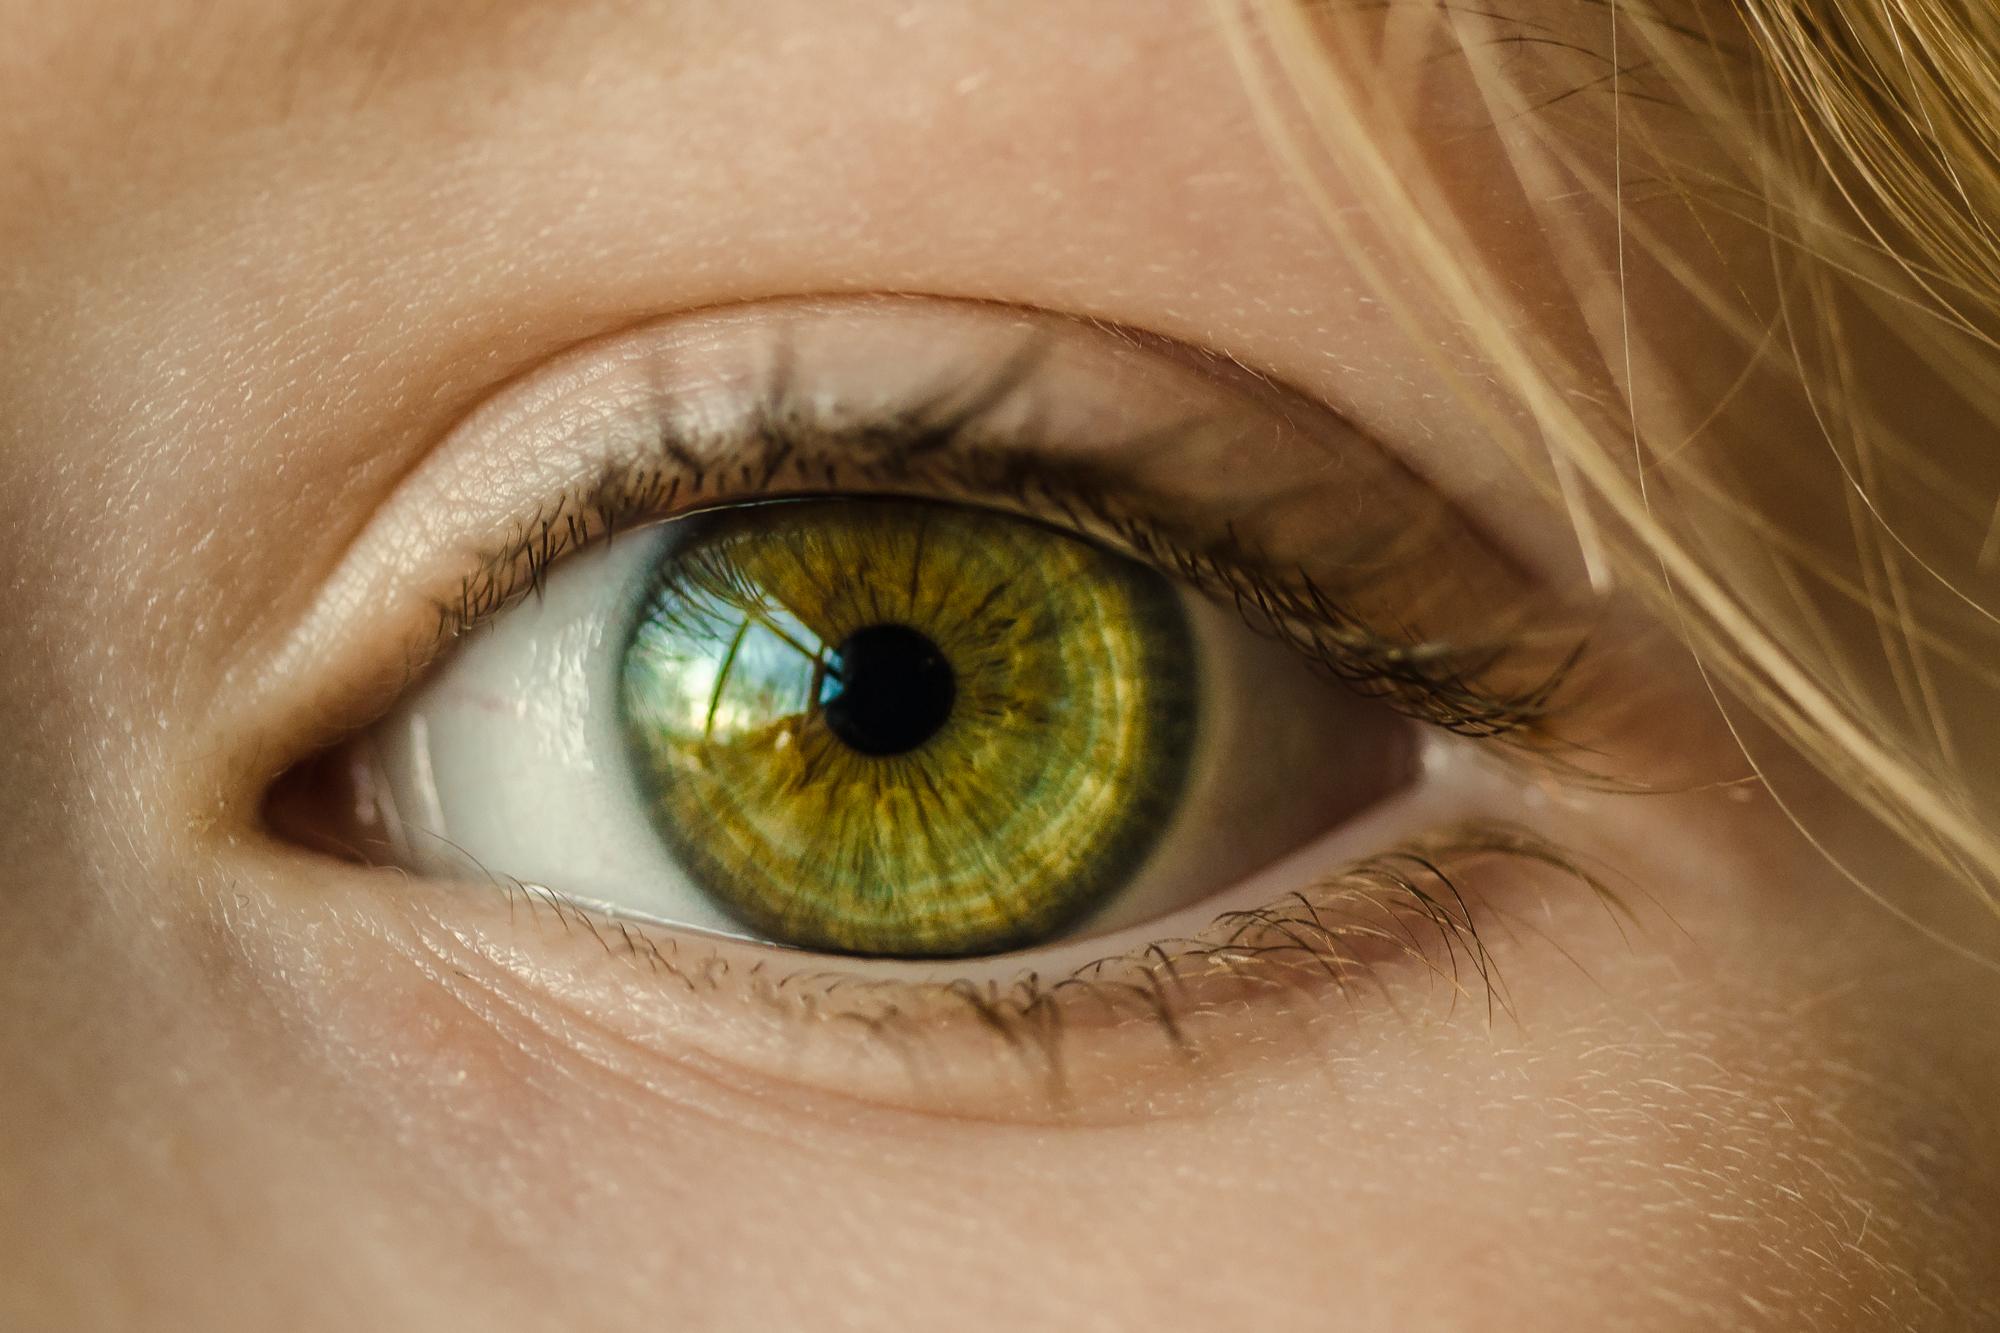 Los Ojos, Tan Importantes Como Desconocidos